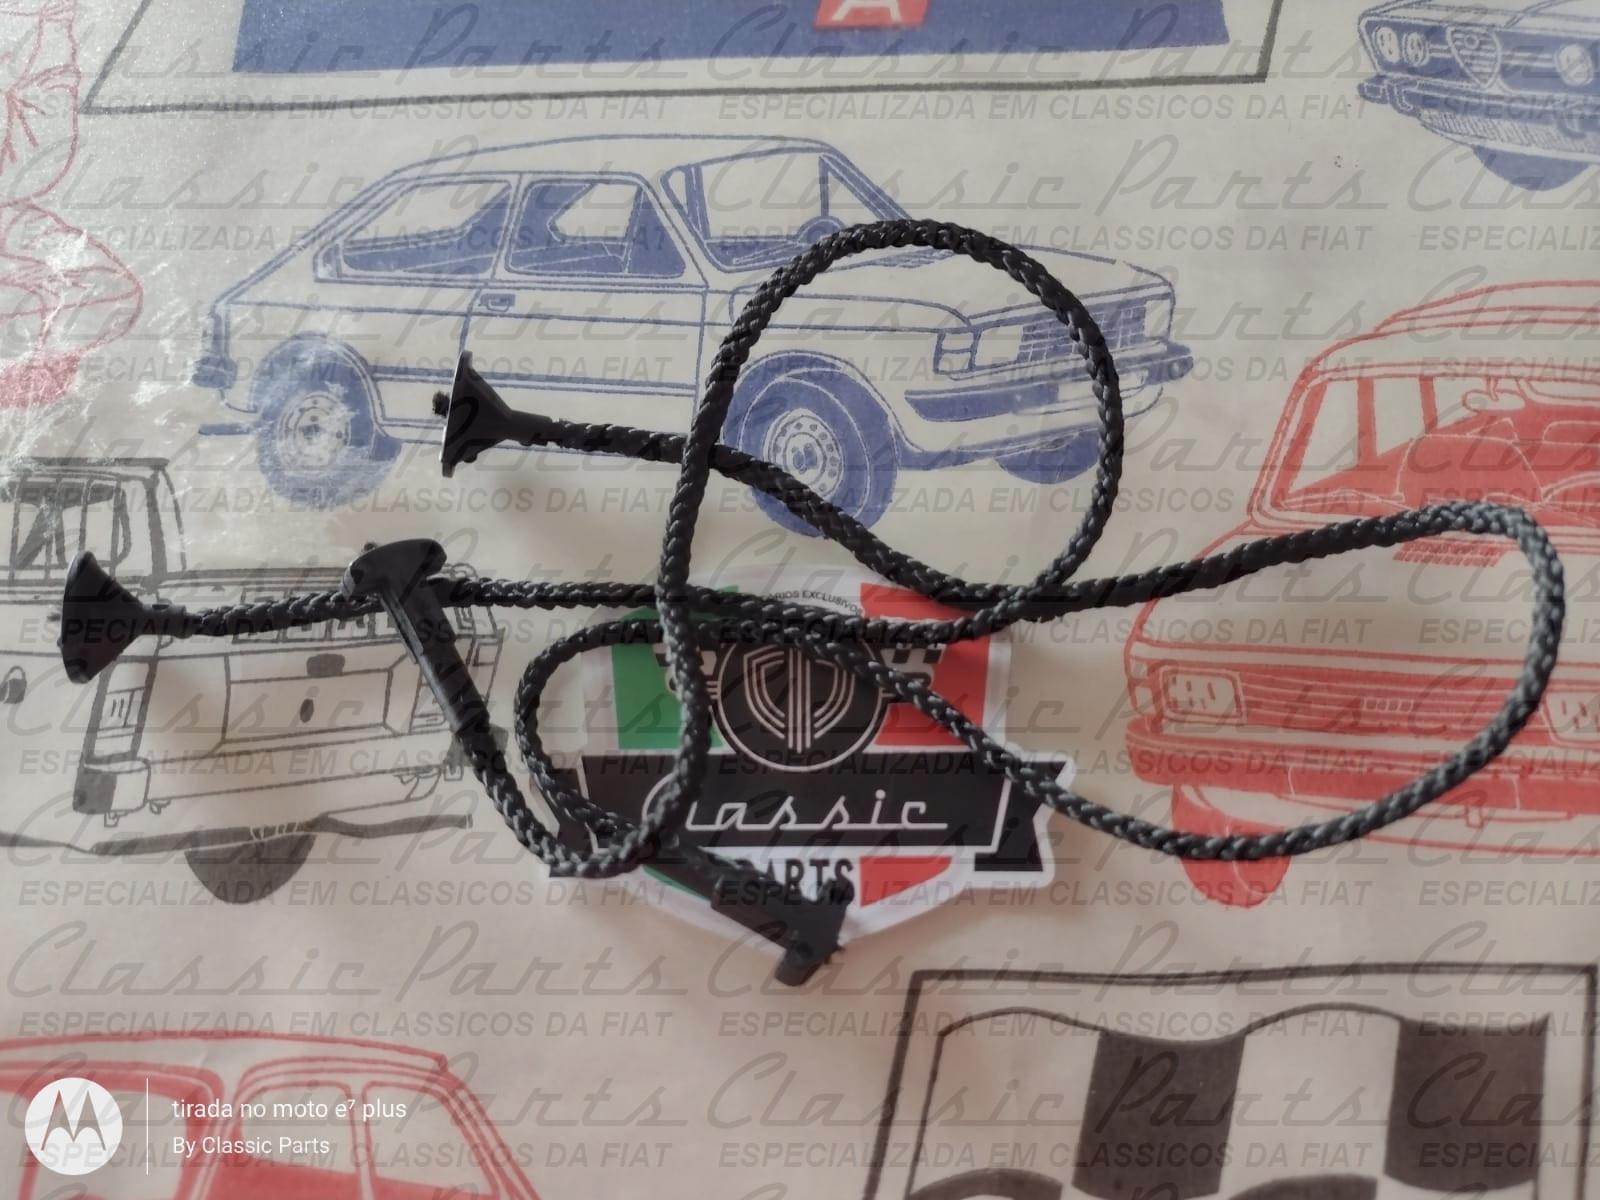 (5993265) PAR CORDINHA BAGAGITO FIAT UNO - ELBA - MILLE ORIGINAL